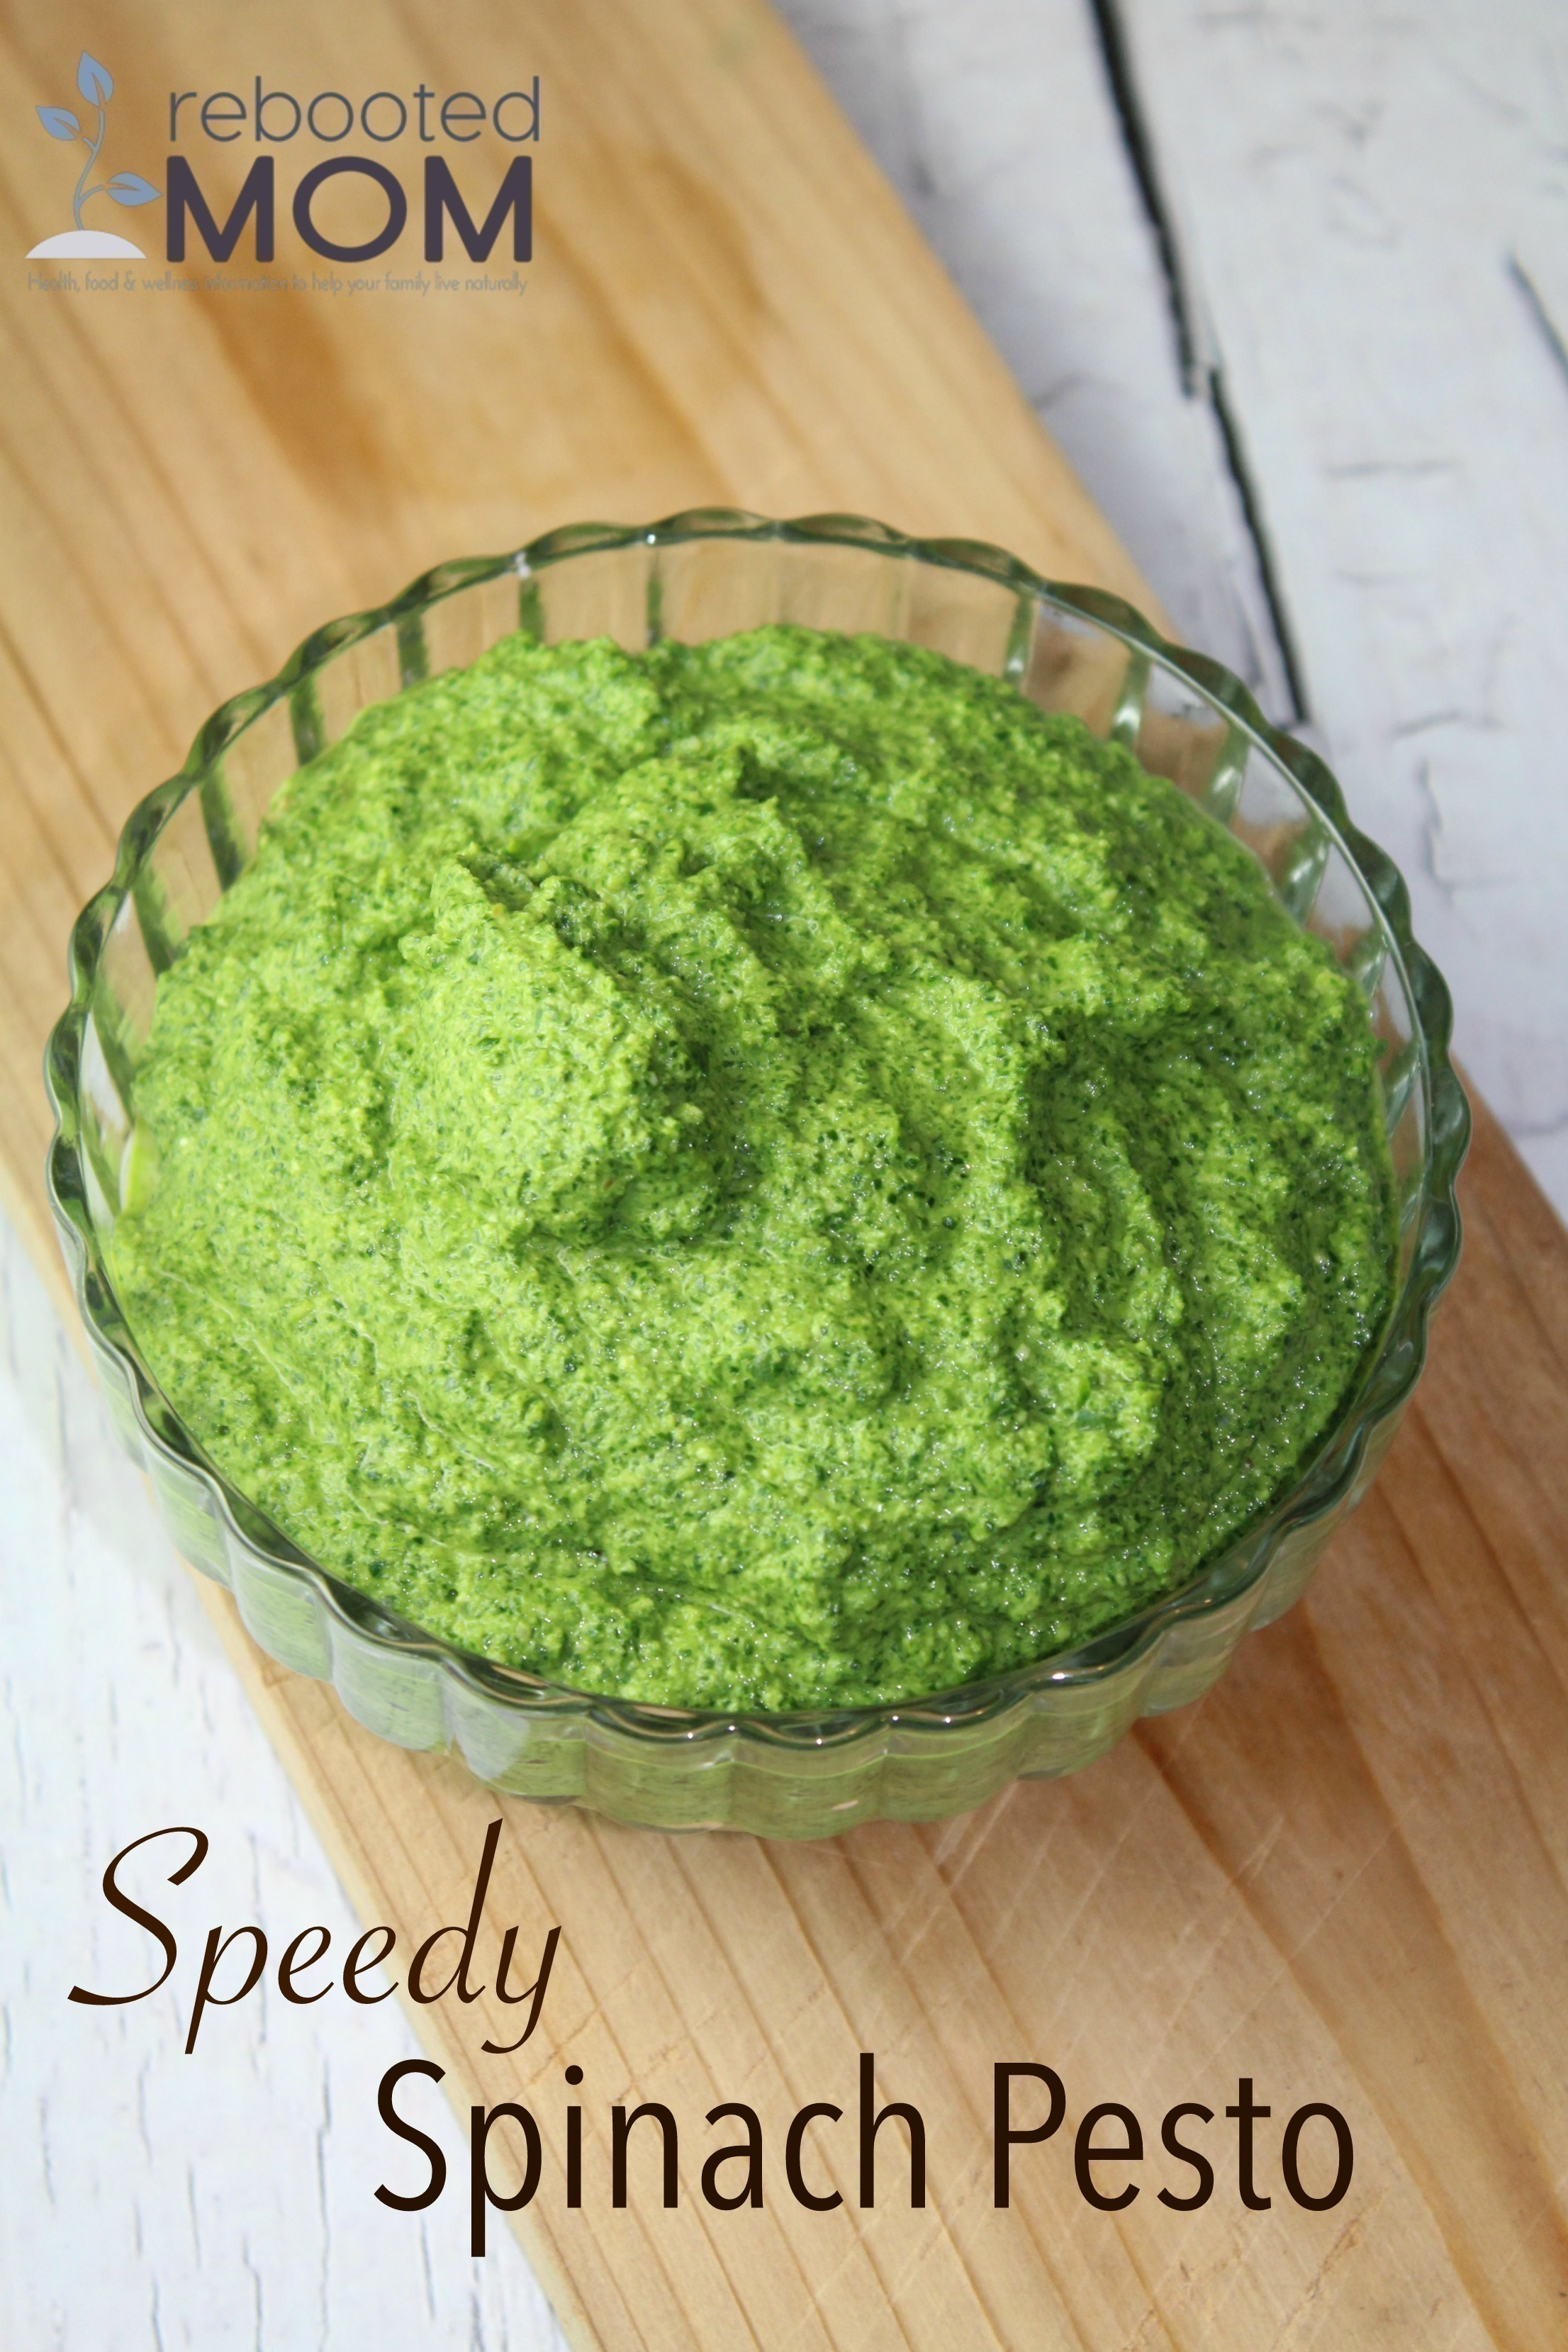 Speedy Spinach Pesto